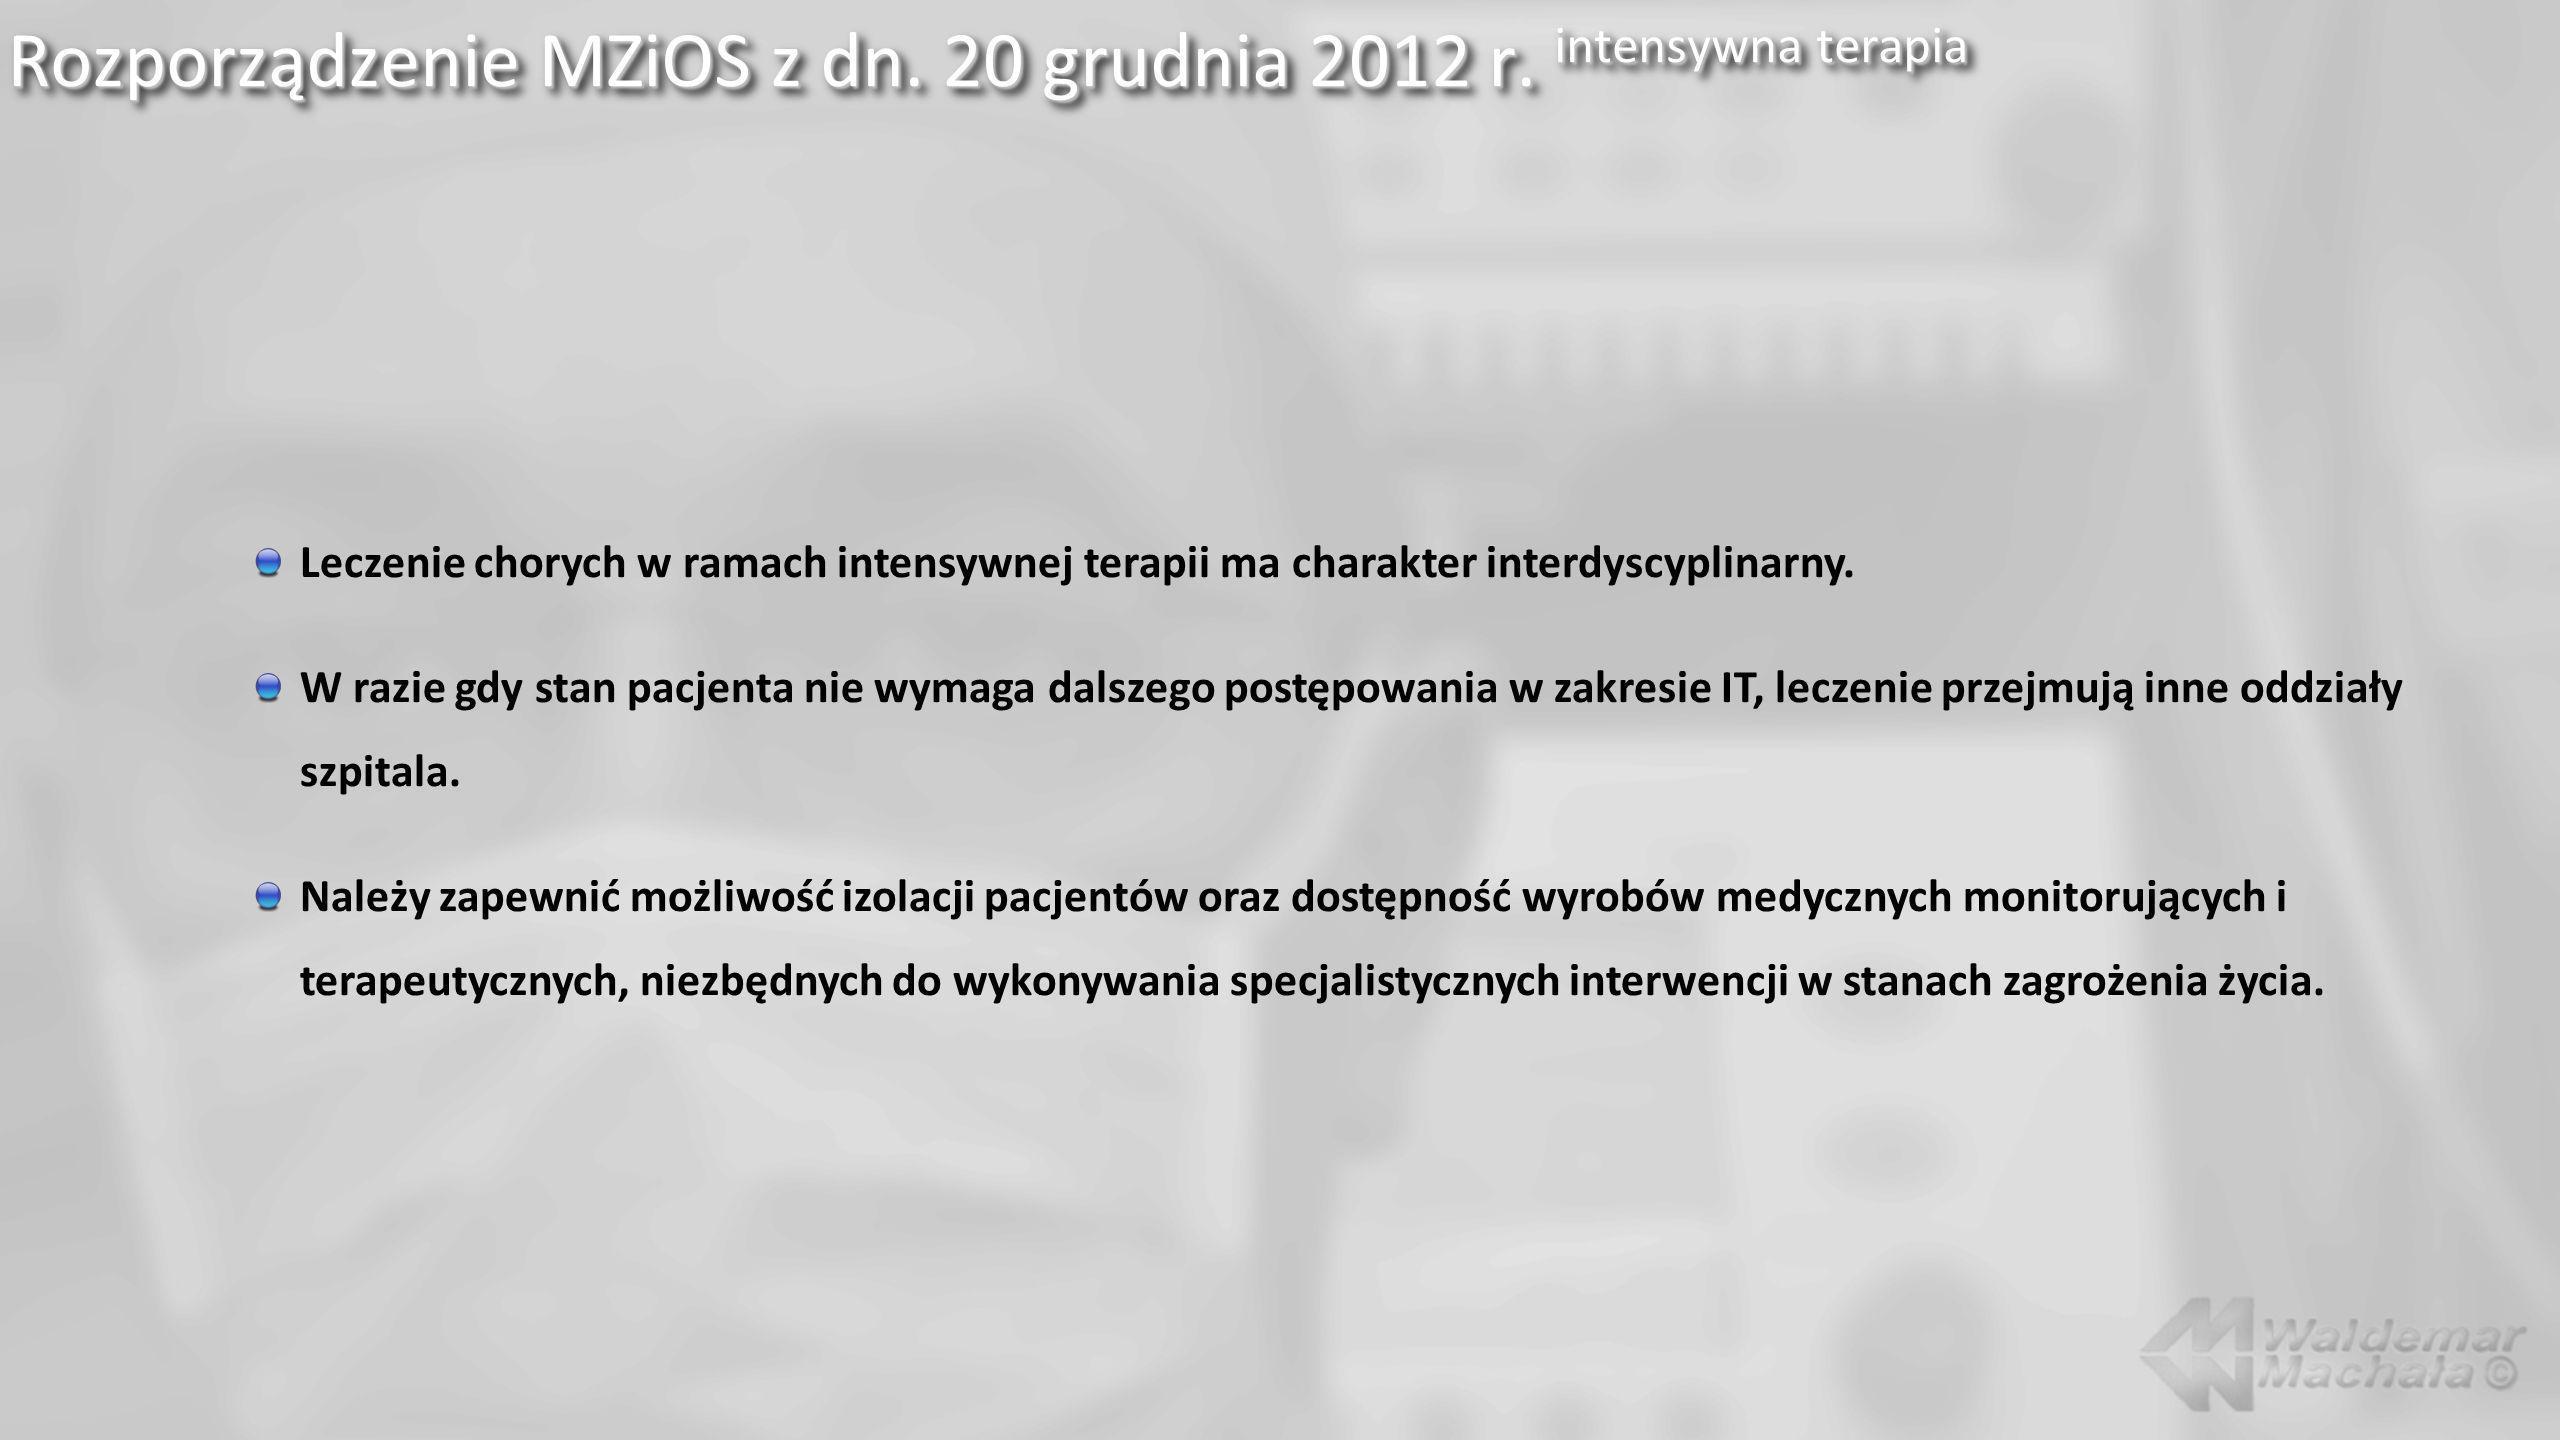 Rozporządzenie MZiOS z dn. 20 grudnia 2012 r. intensywna terapia